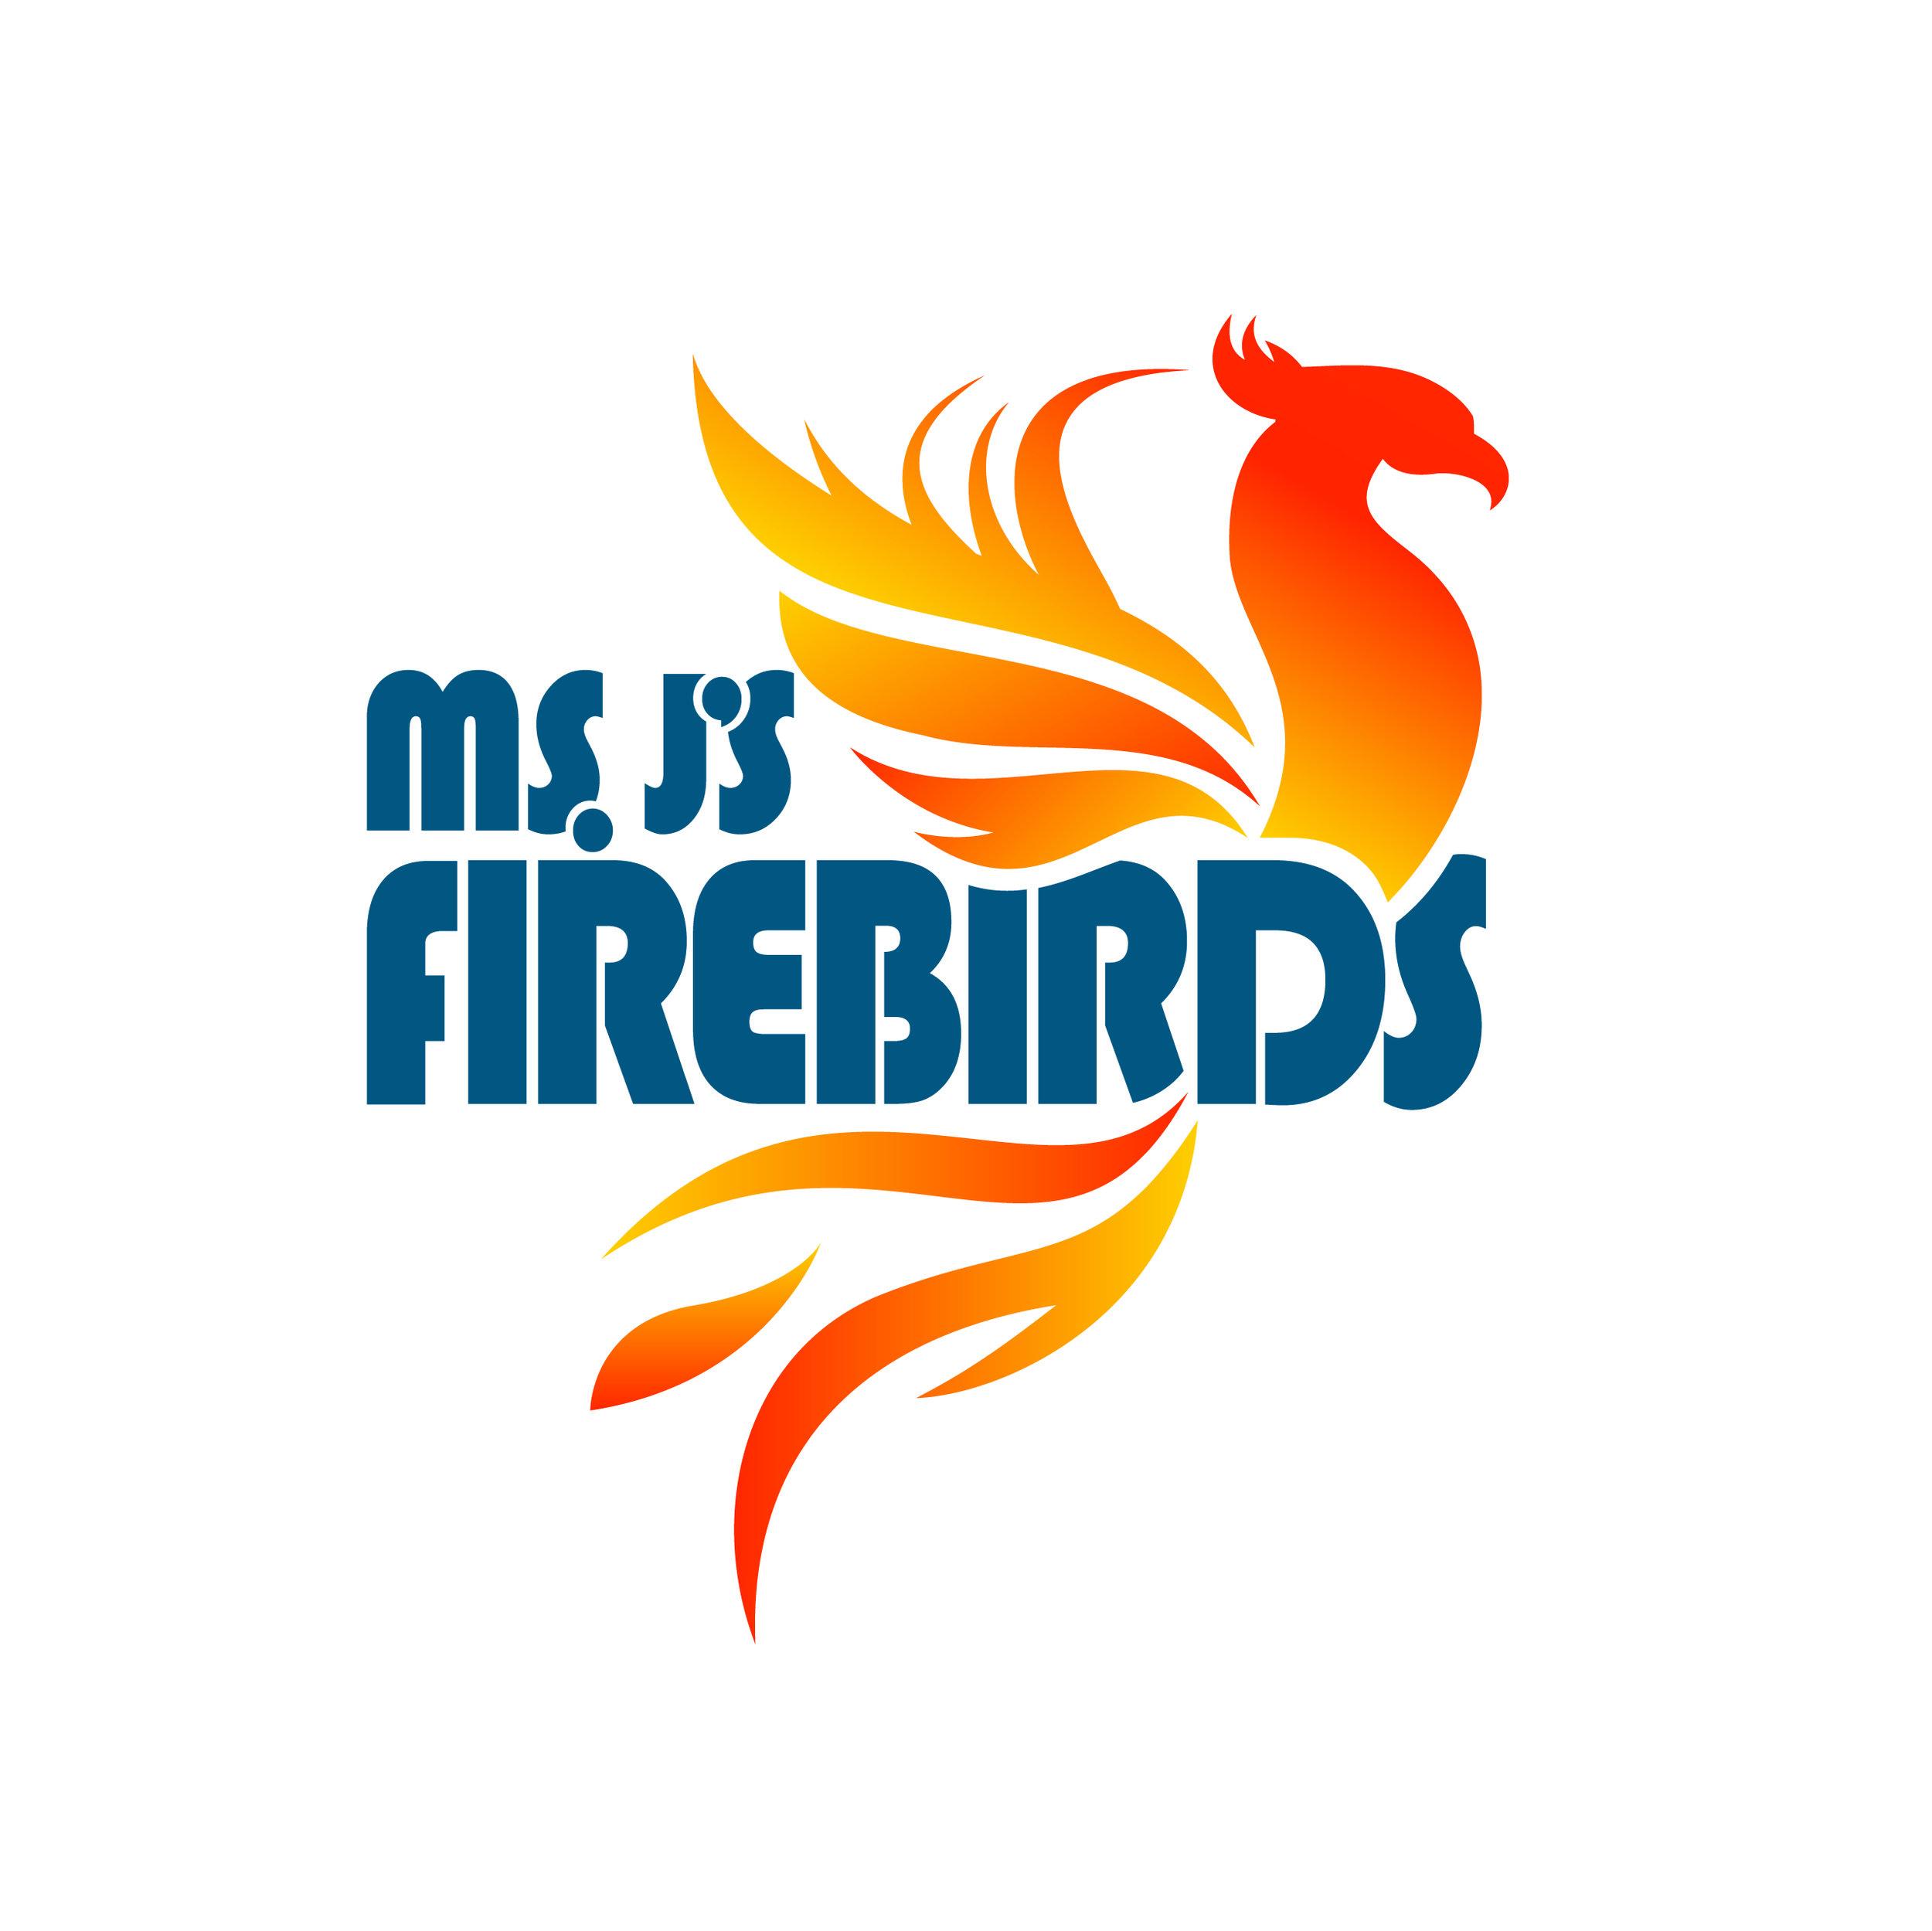 Ms_Js_firebirds_logo_final-01.jpg